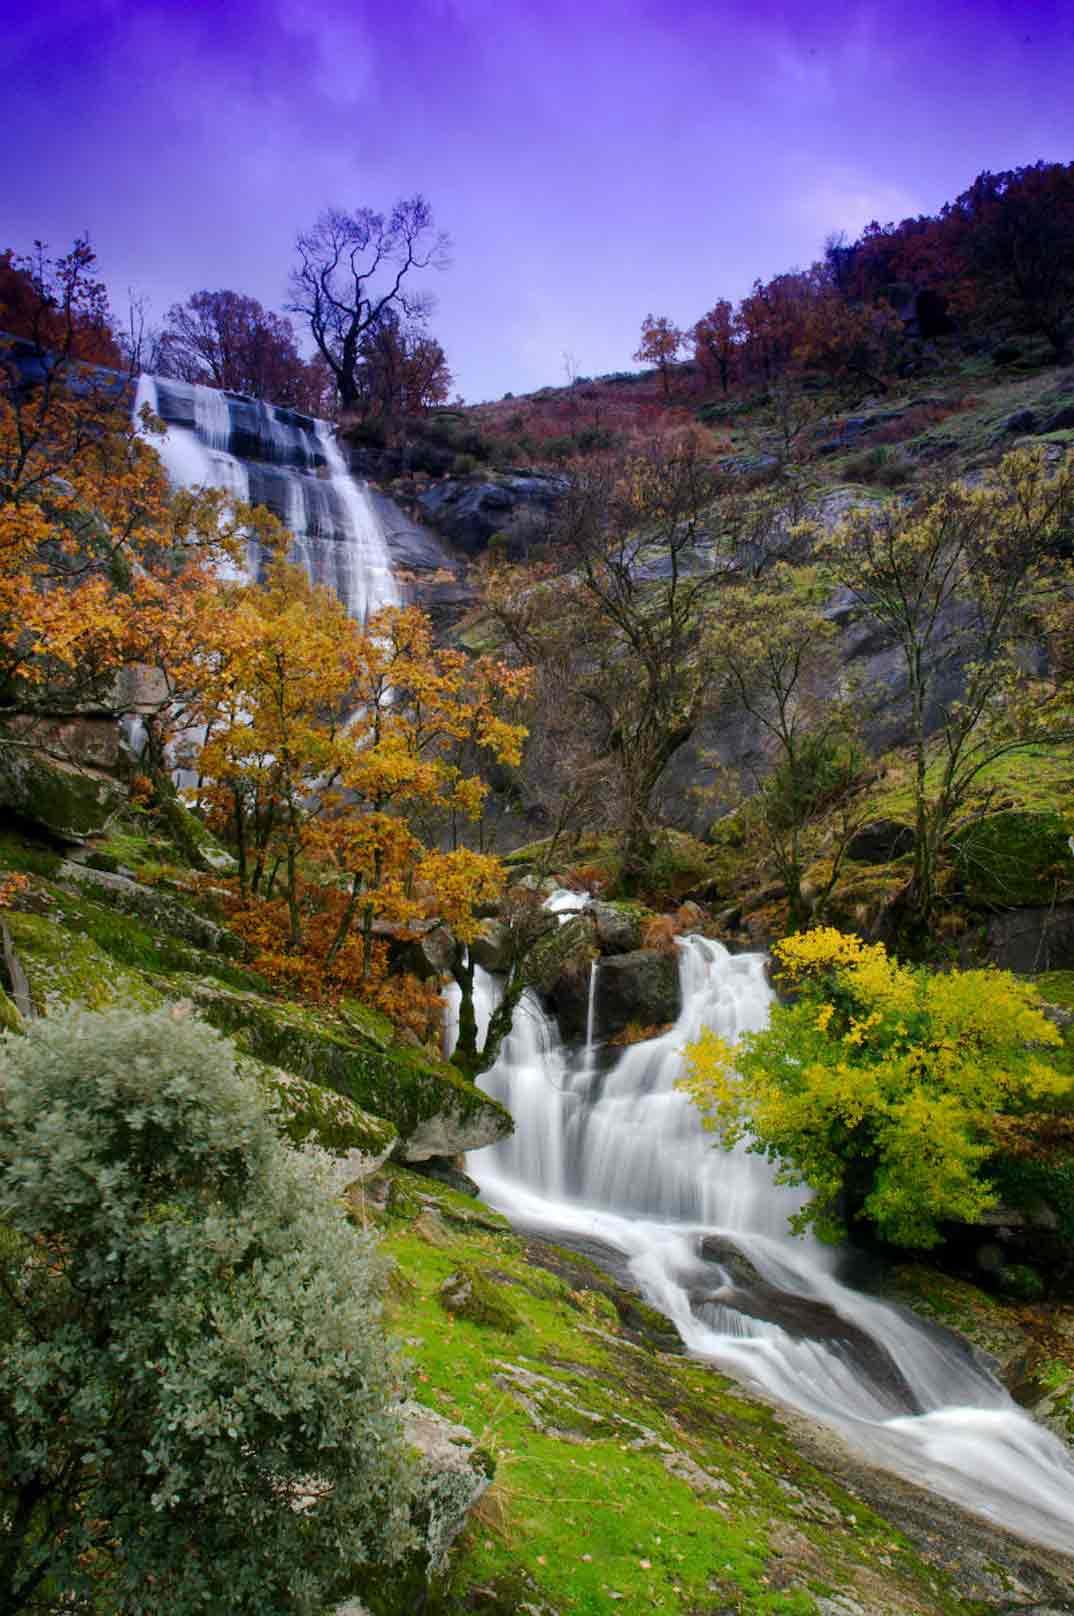 Otoñada Valle del Jerte - Foto www.turismovalledeljerte.com